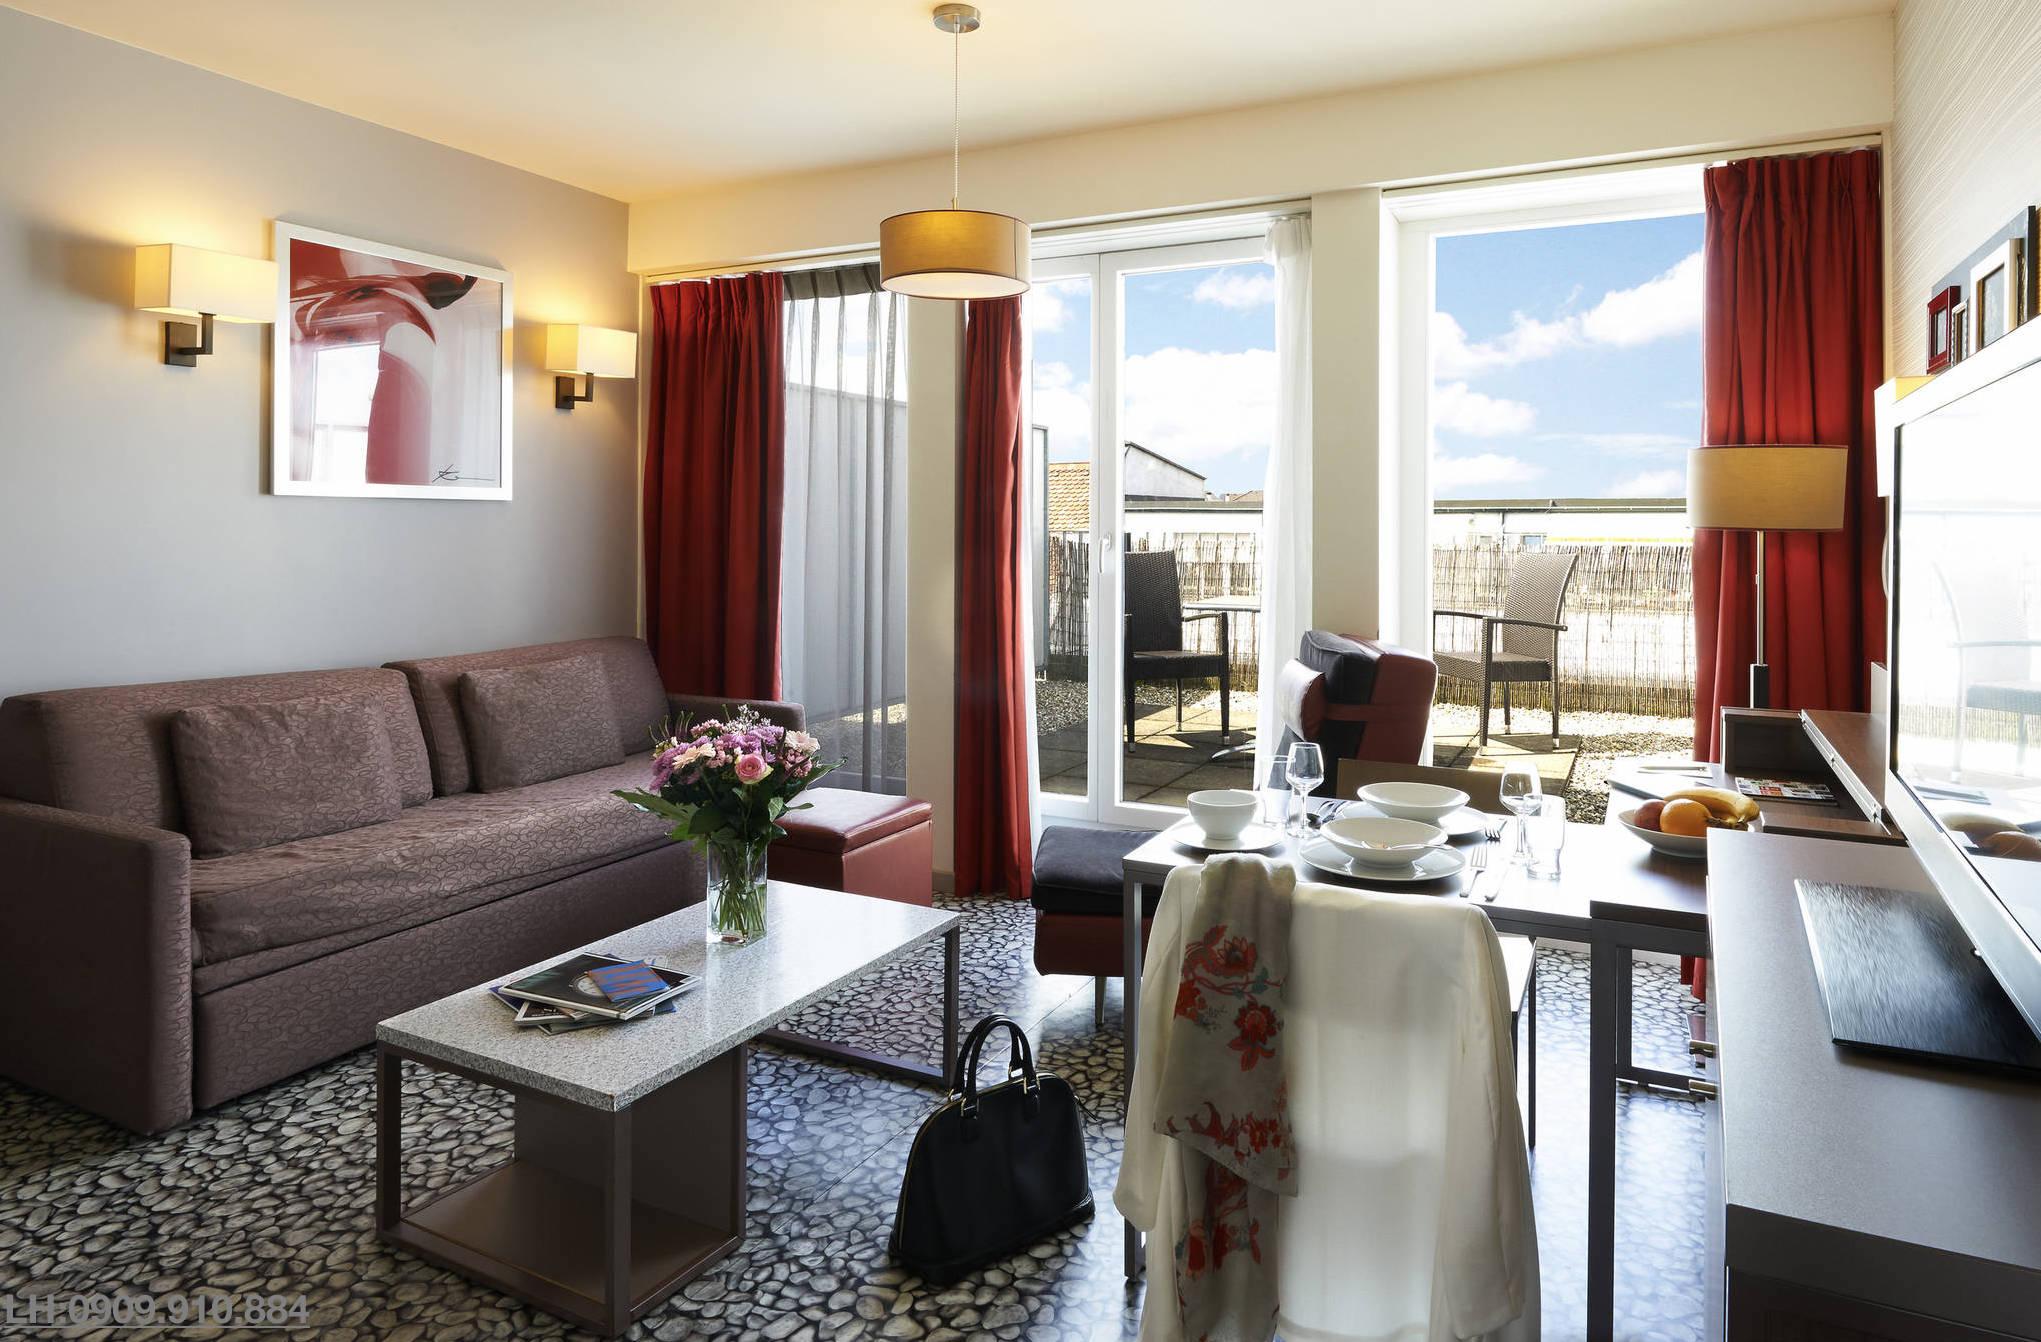 Loại hình căn hộ kết hợp khách sạn Apart-Hotel mởi xuất hiện tại Việt Nam và duy nhất do tập đoàn Crystal Bay áp dụng triển khai cho dự án Crystal Bay Nha Trang và dự án SunBay Park Hotel & Resort Phan Rang.